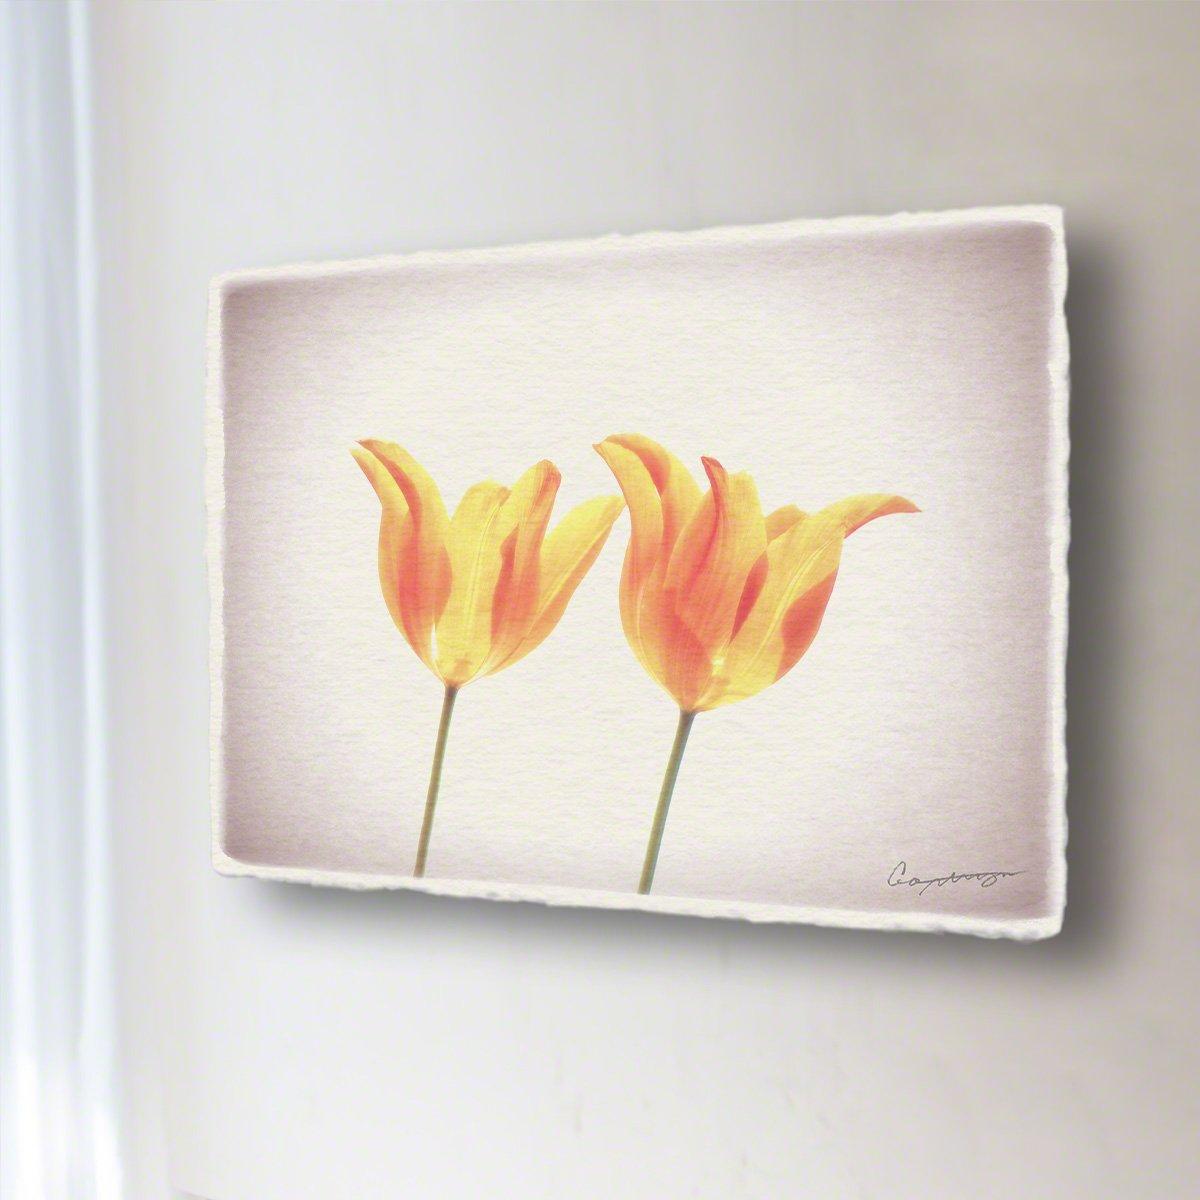 和紙 アートパネル 「透けるオレンジ色のチューリップ」 (60x45cm) 花 絵 絵画 壁掛け 壁飾り インテリア アート B07F1DKMHP 16.アートパネル(長辺68cm) 48000円|透けるオレンジ色のチューリップ 透けるオレンジ色のチューリップ 16.アートパネル(長辺68cm) 48000円